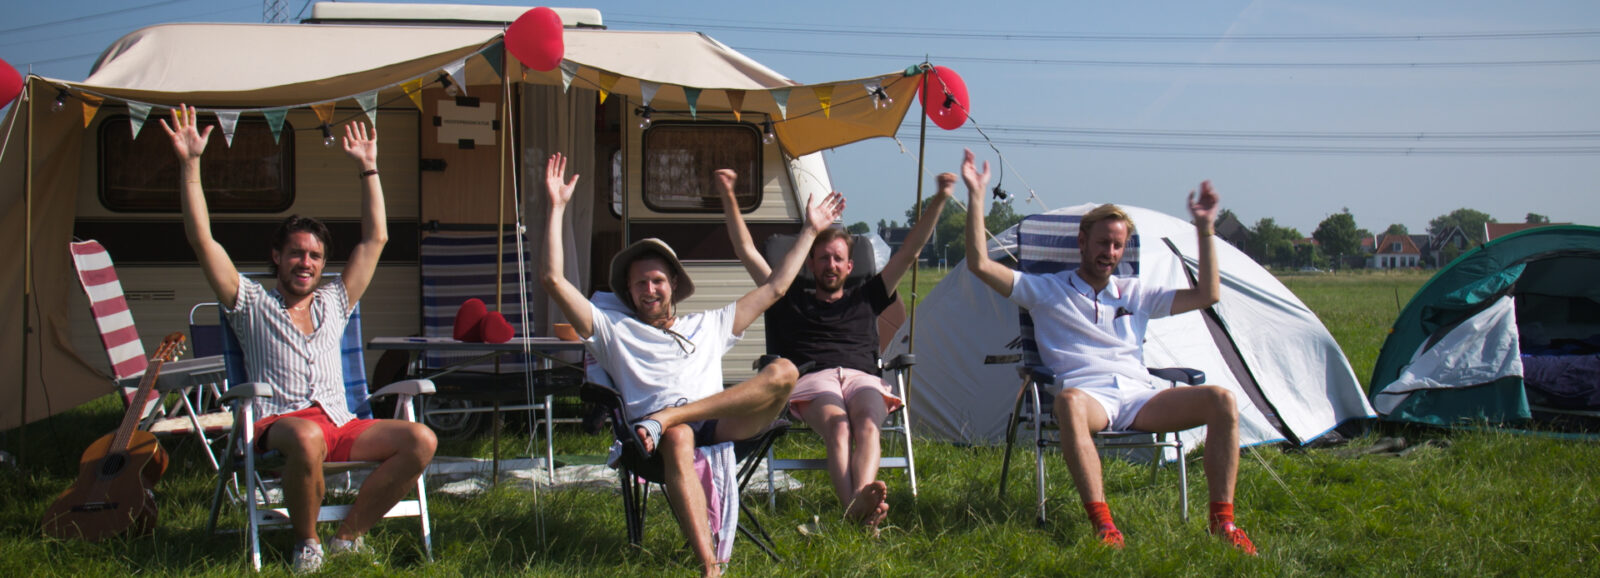 Streetlab: Camping De Liefde